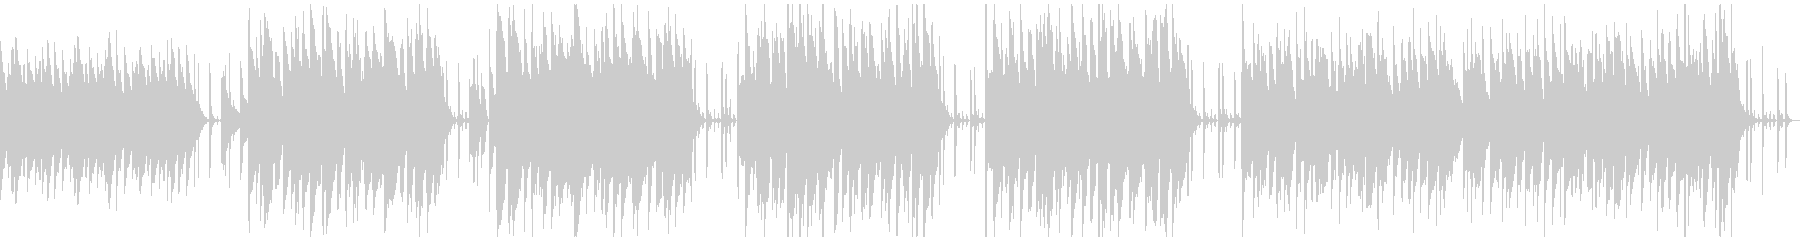 ほのぼの系動物のリポートBGMの未再生の波形